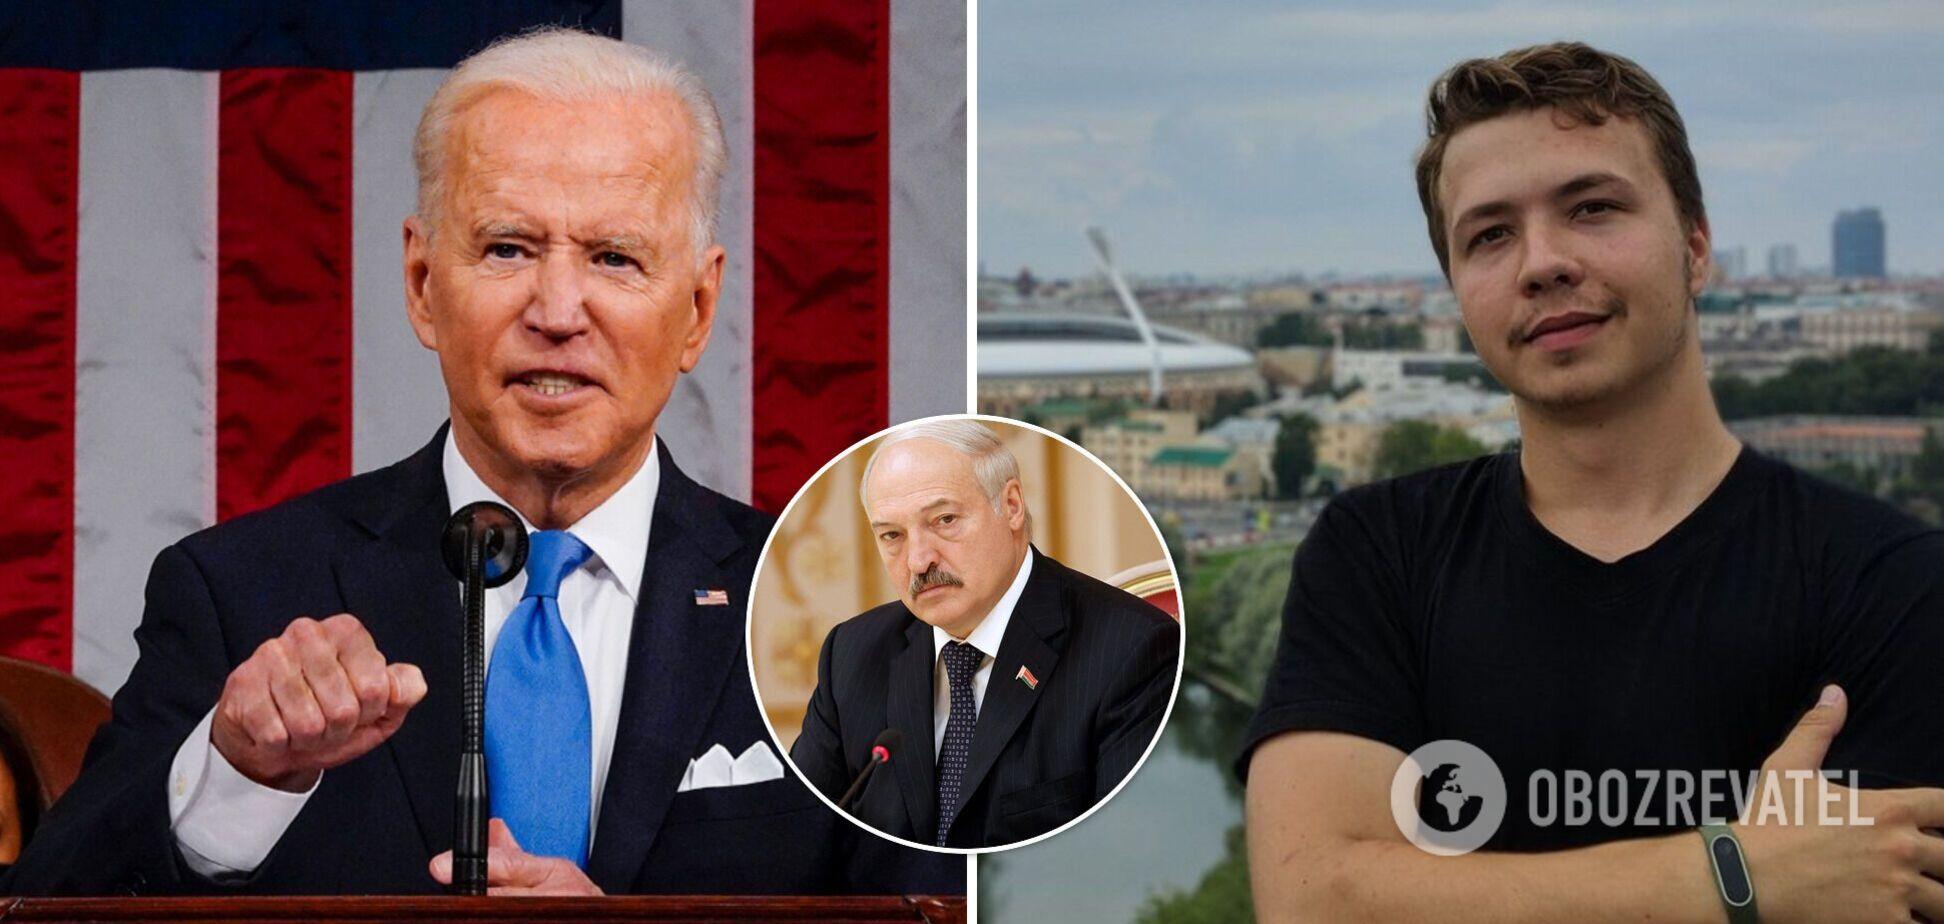 Байден закликав Лукашенка звільнити Протасевича й інших політв'язнів